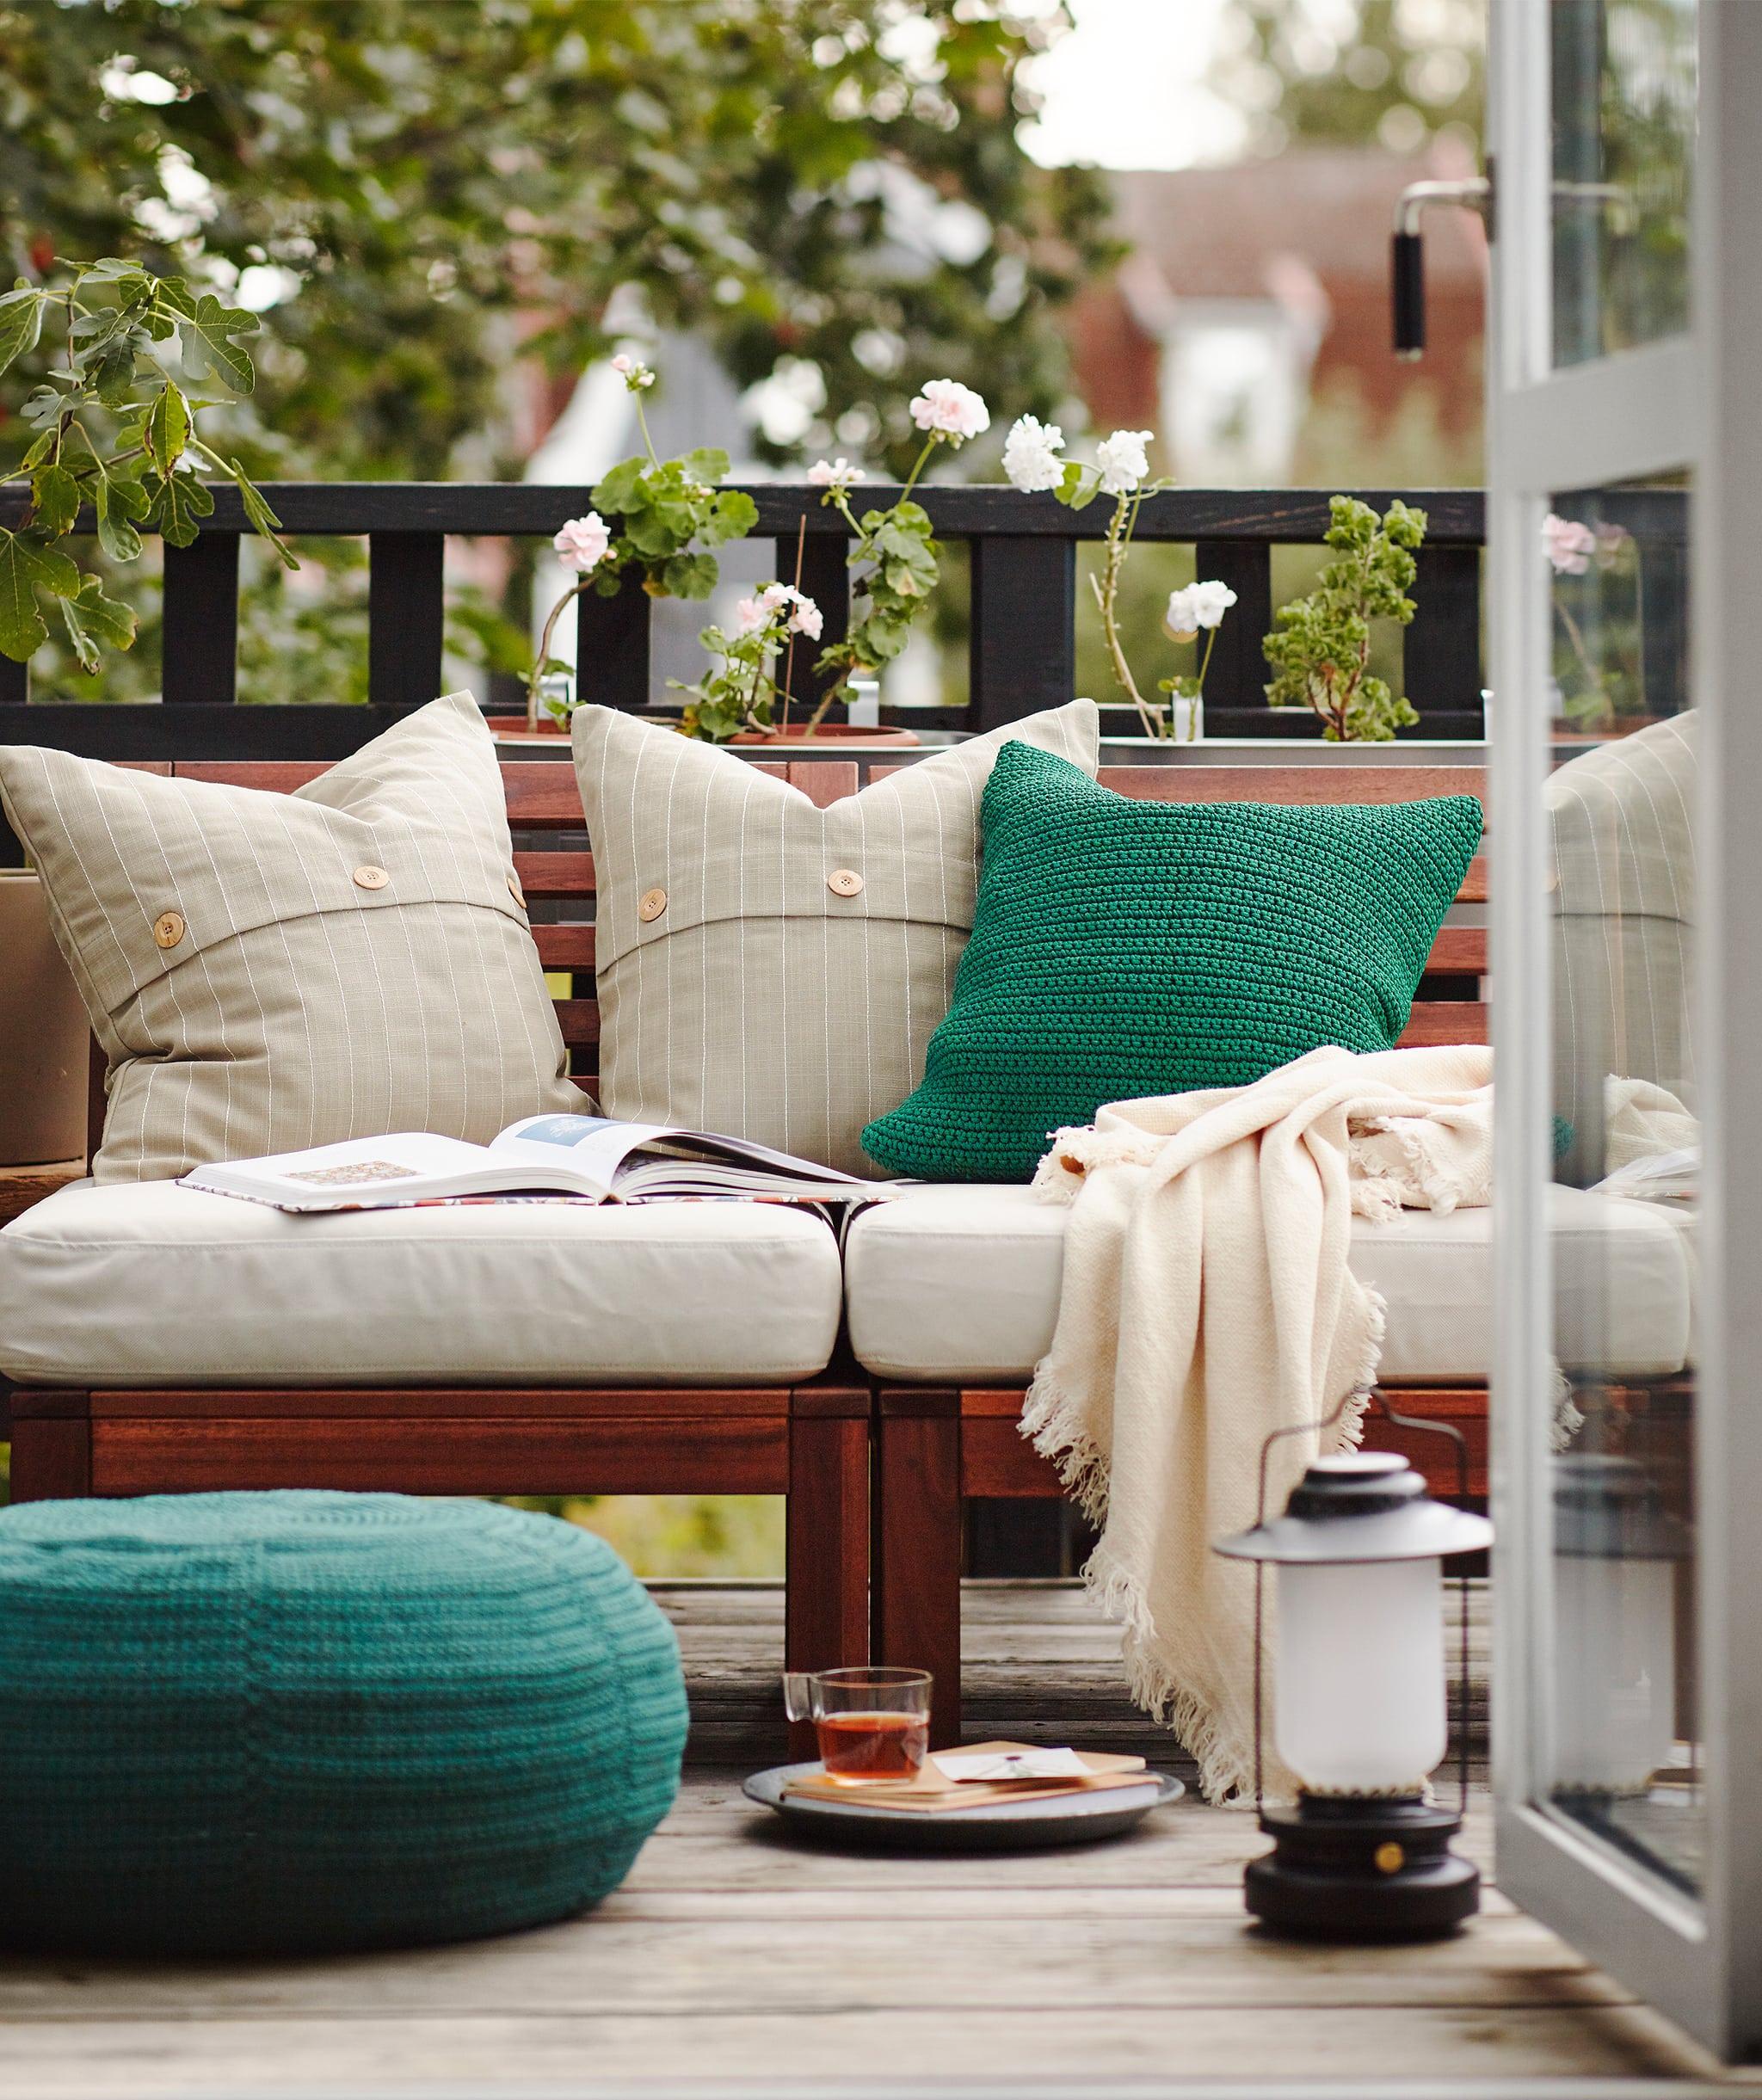 Sarapan di balkon dengan pintu terbuka dan banyak bantal, selimut, dan beberapa perabotan luar ruangan.